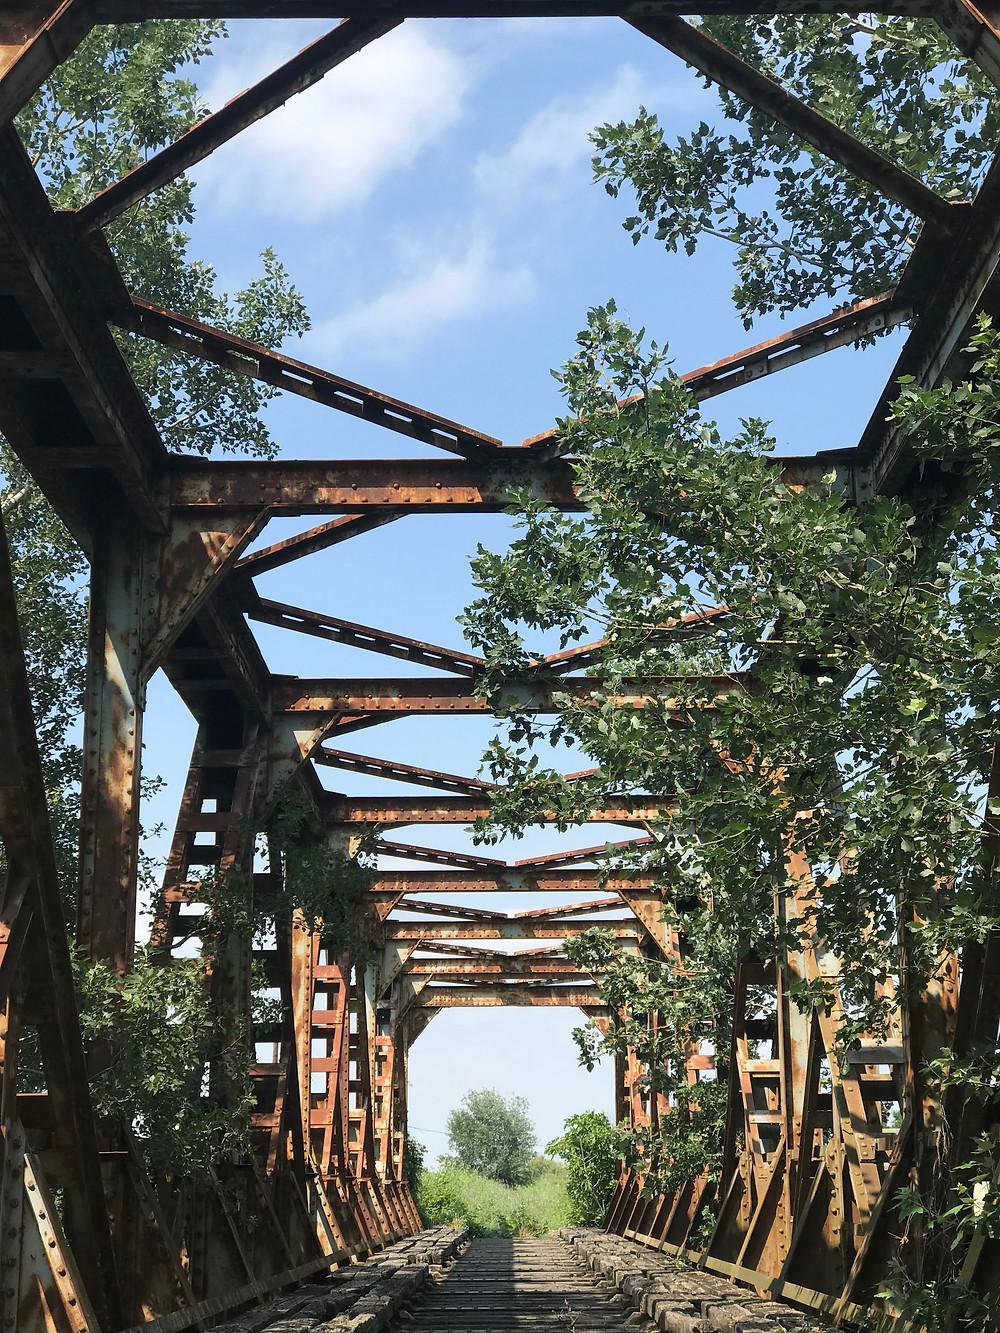 Προοπτική της μεταλλικής κατασκευής της γέφυρας